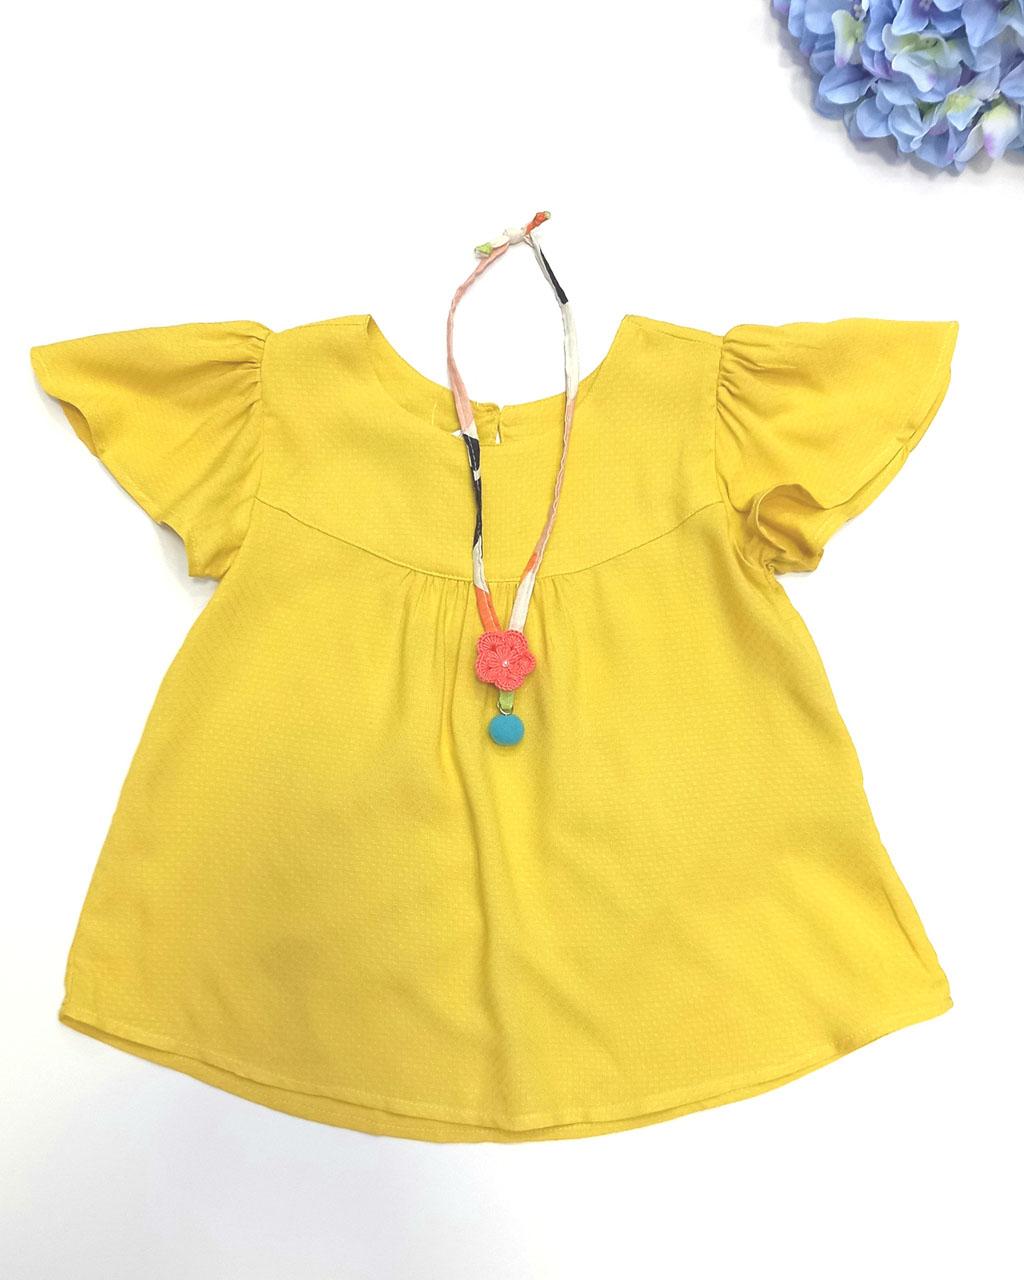 Bata Infantil Viscose Amarelo Sol com Colar Artesanal Crochê Mundo Céu